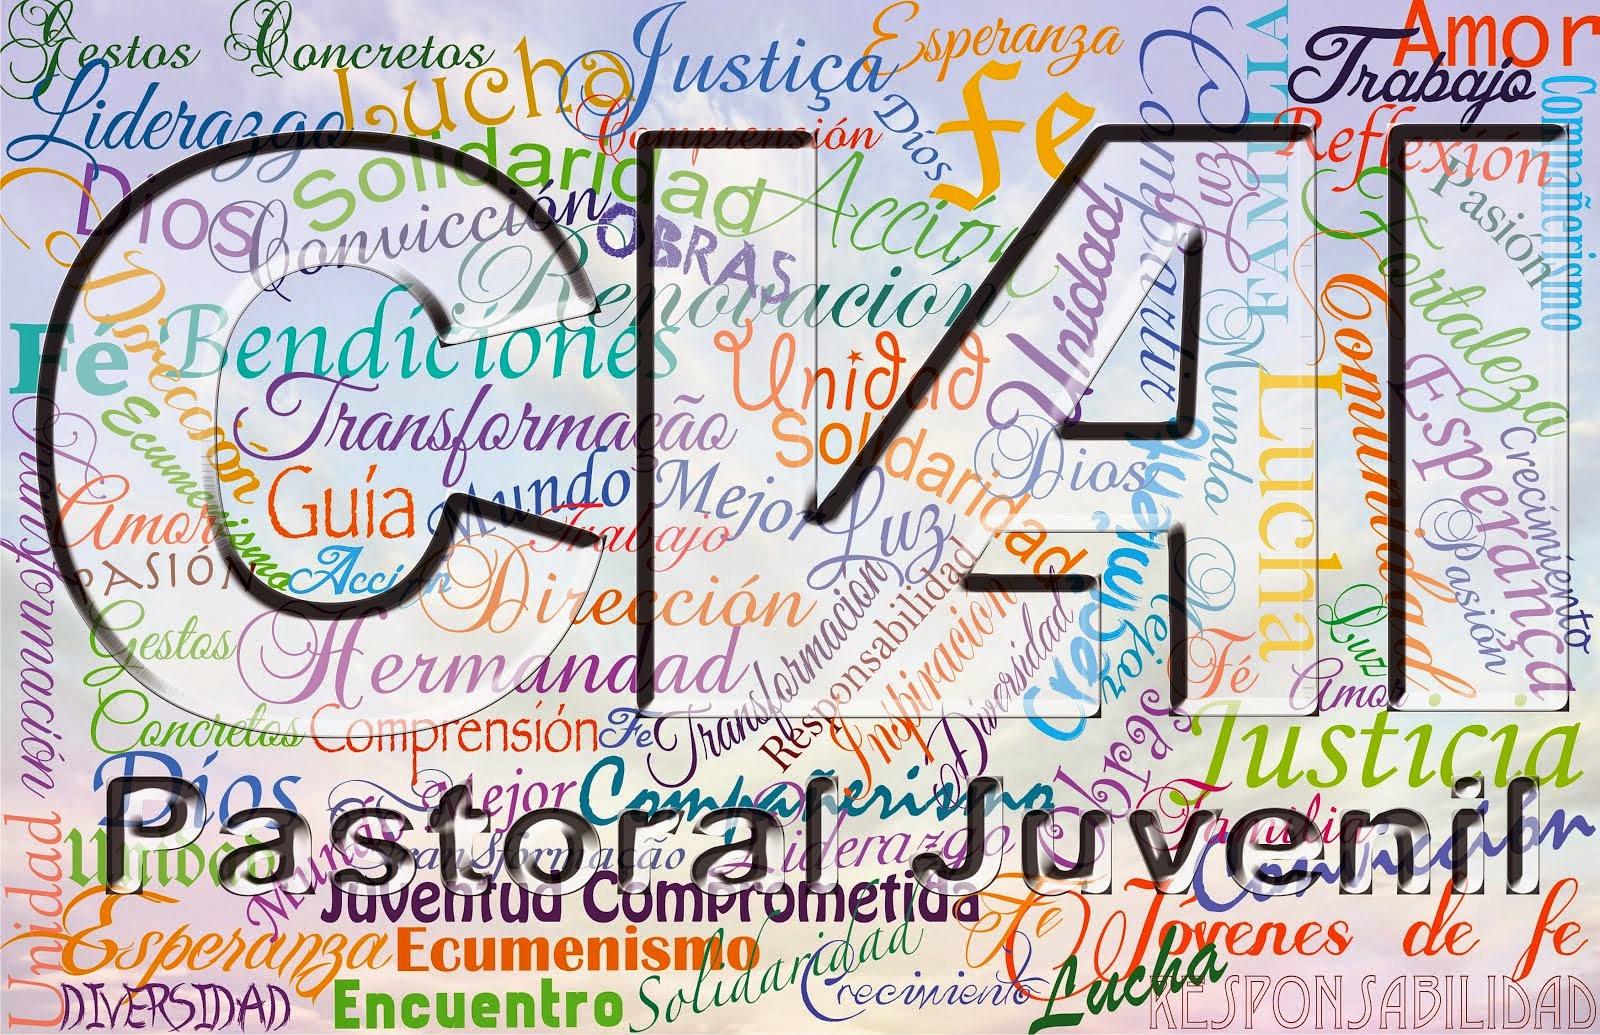 Pastoral Juvenil y Cultura de Paz